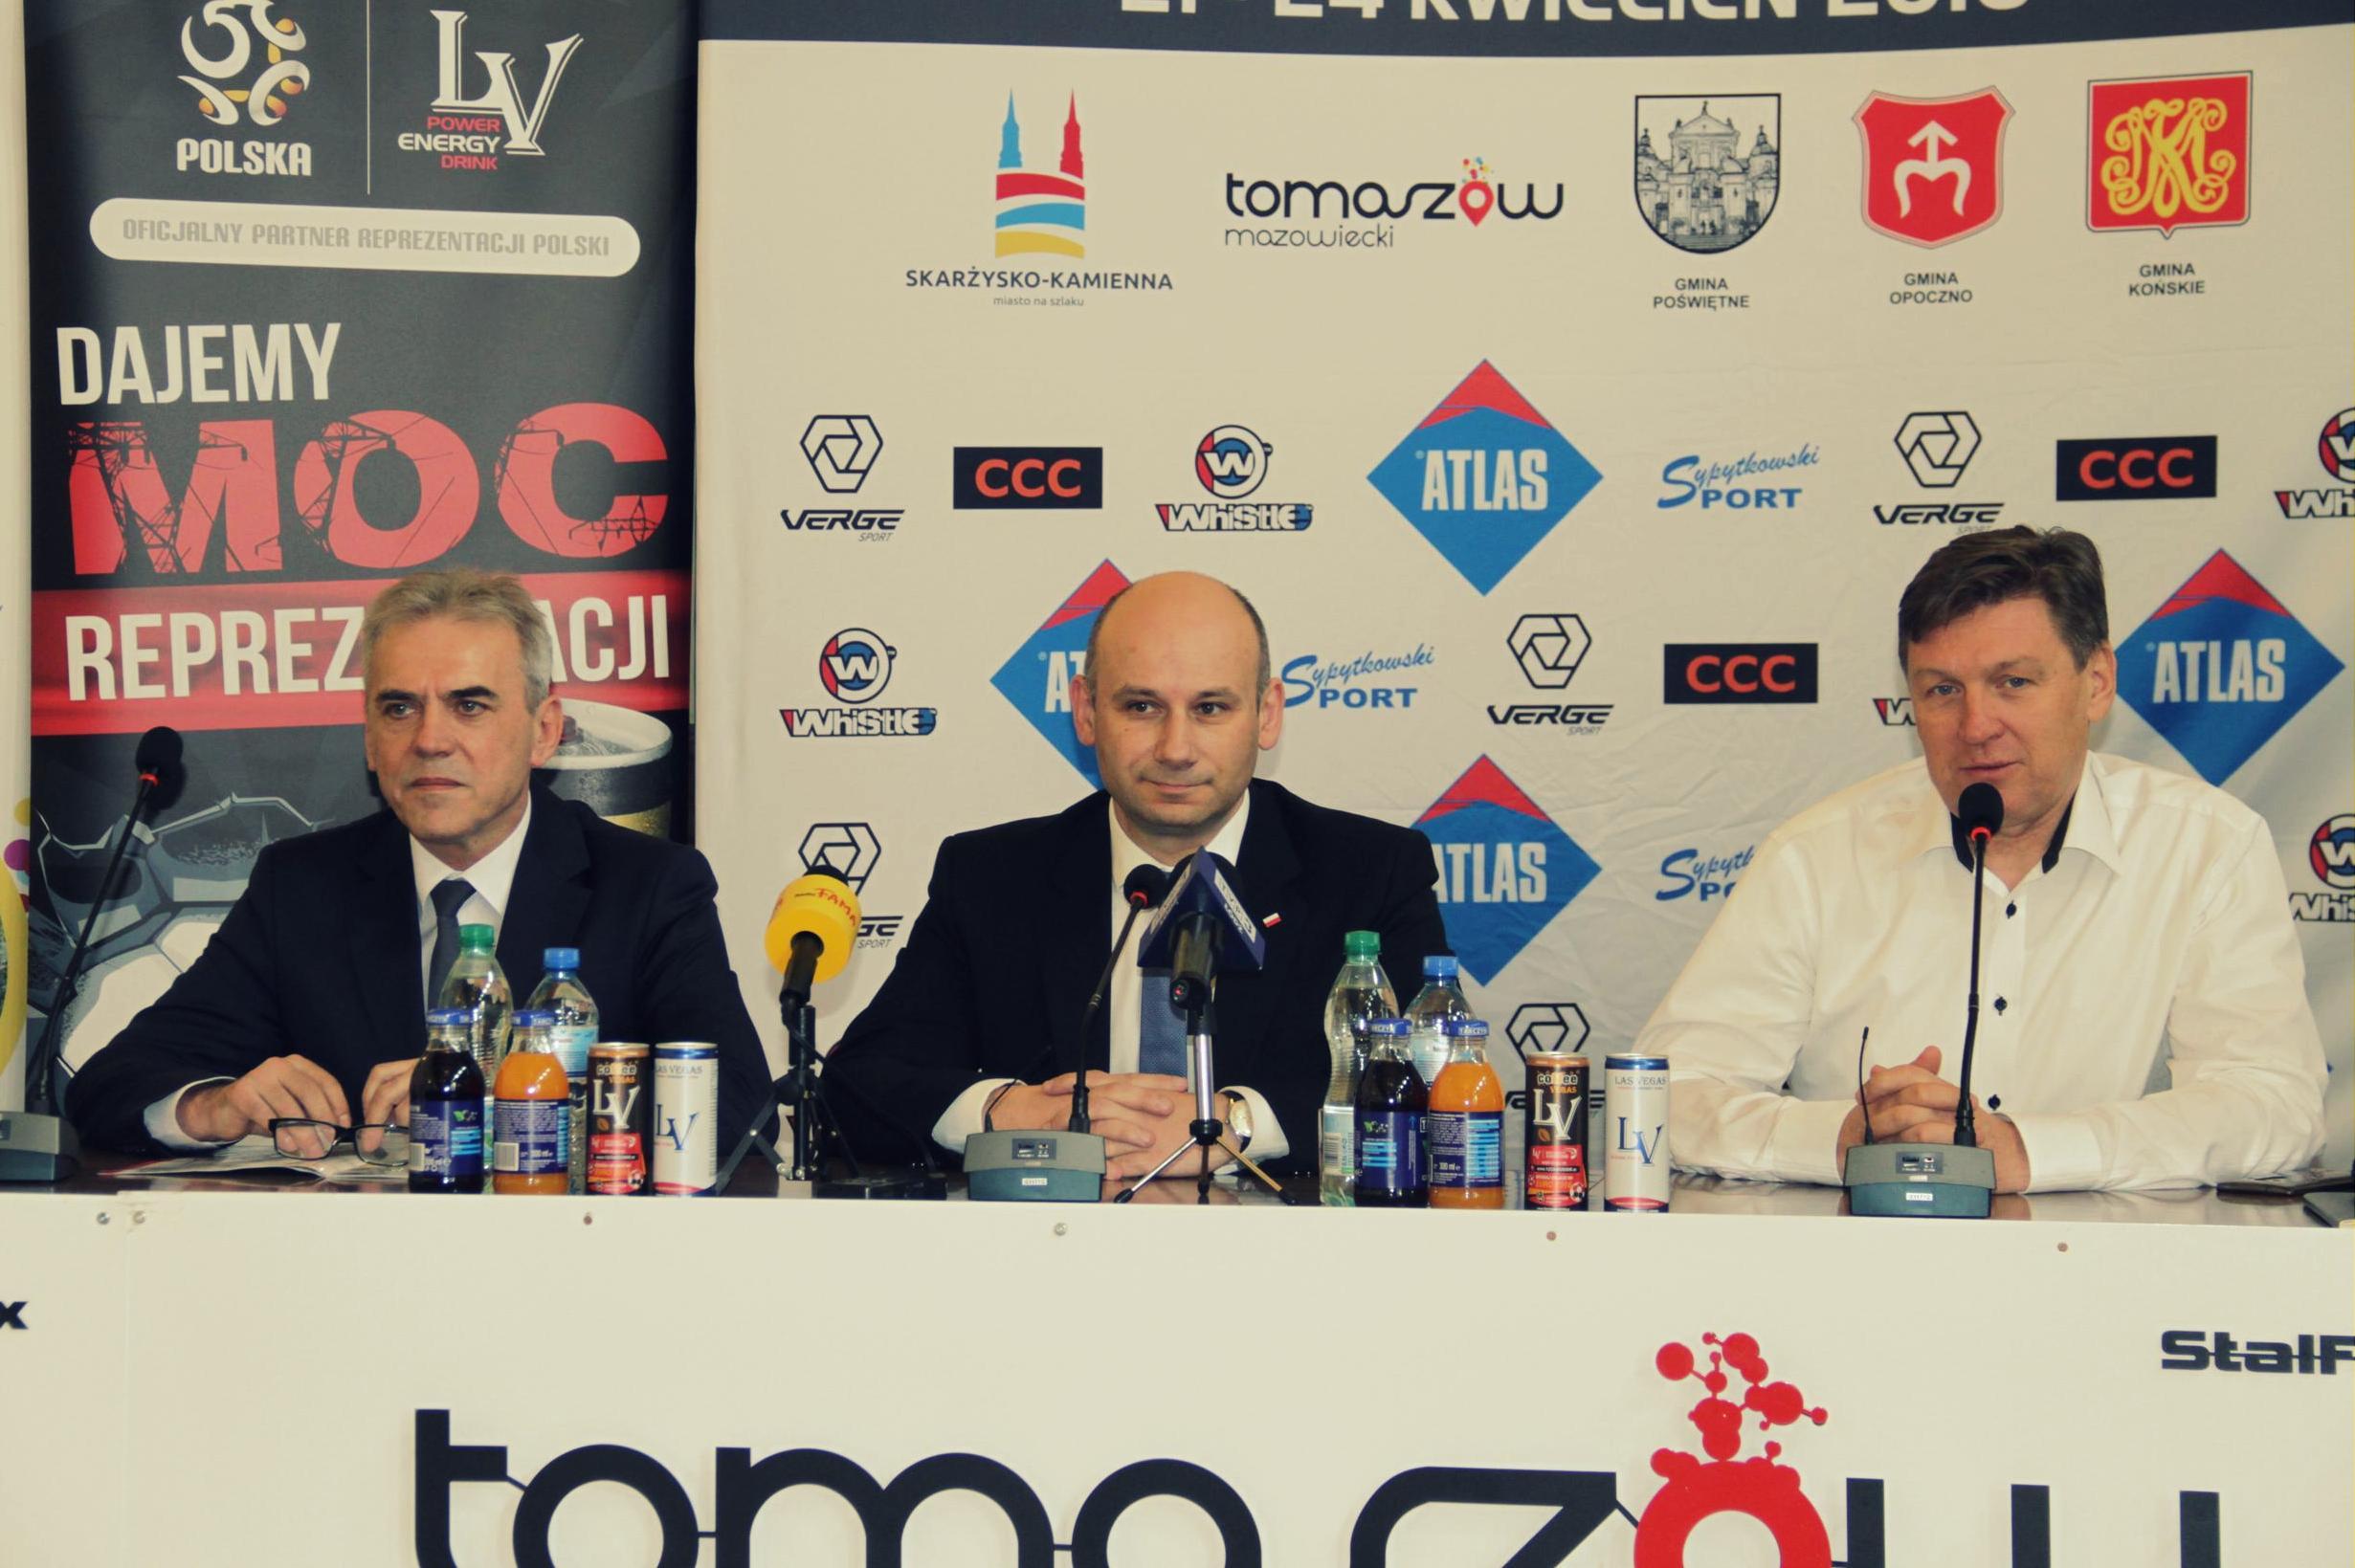 Konferencja prasowa - wyścig kolarski Szlakiem walk majora Hubala